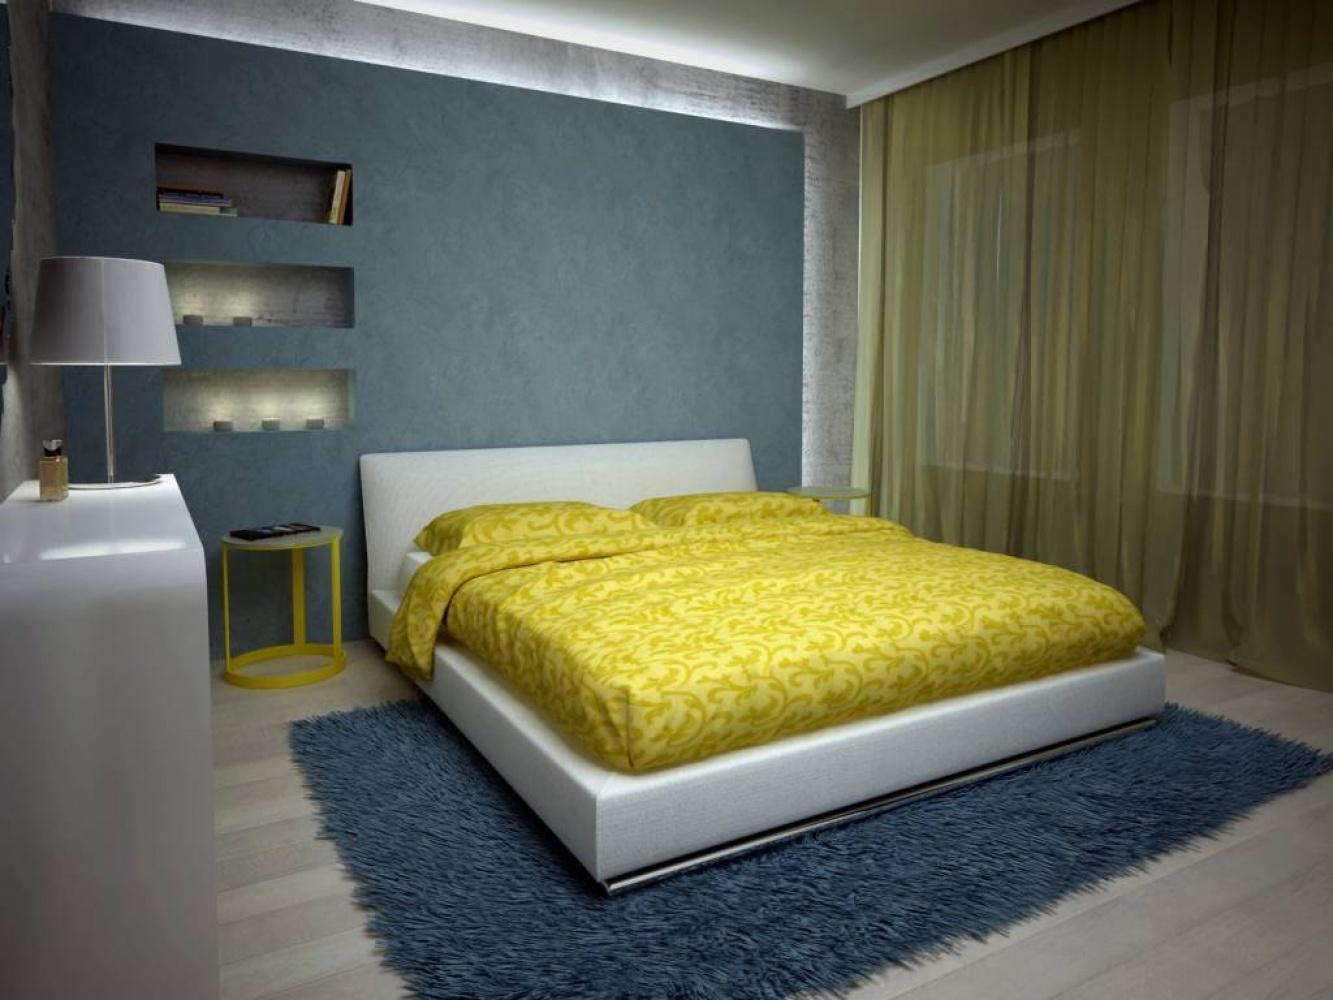 Půdní byt 1+1, plocha 48 m², ulice Lumírova, Praha 2 - Vyšehrad, cena 3 490 000 Kč | 2